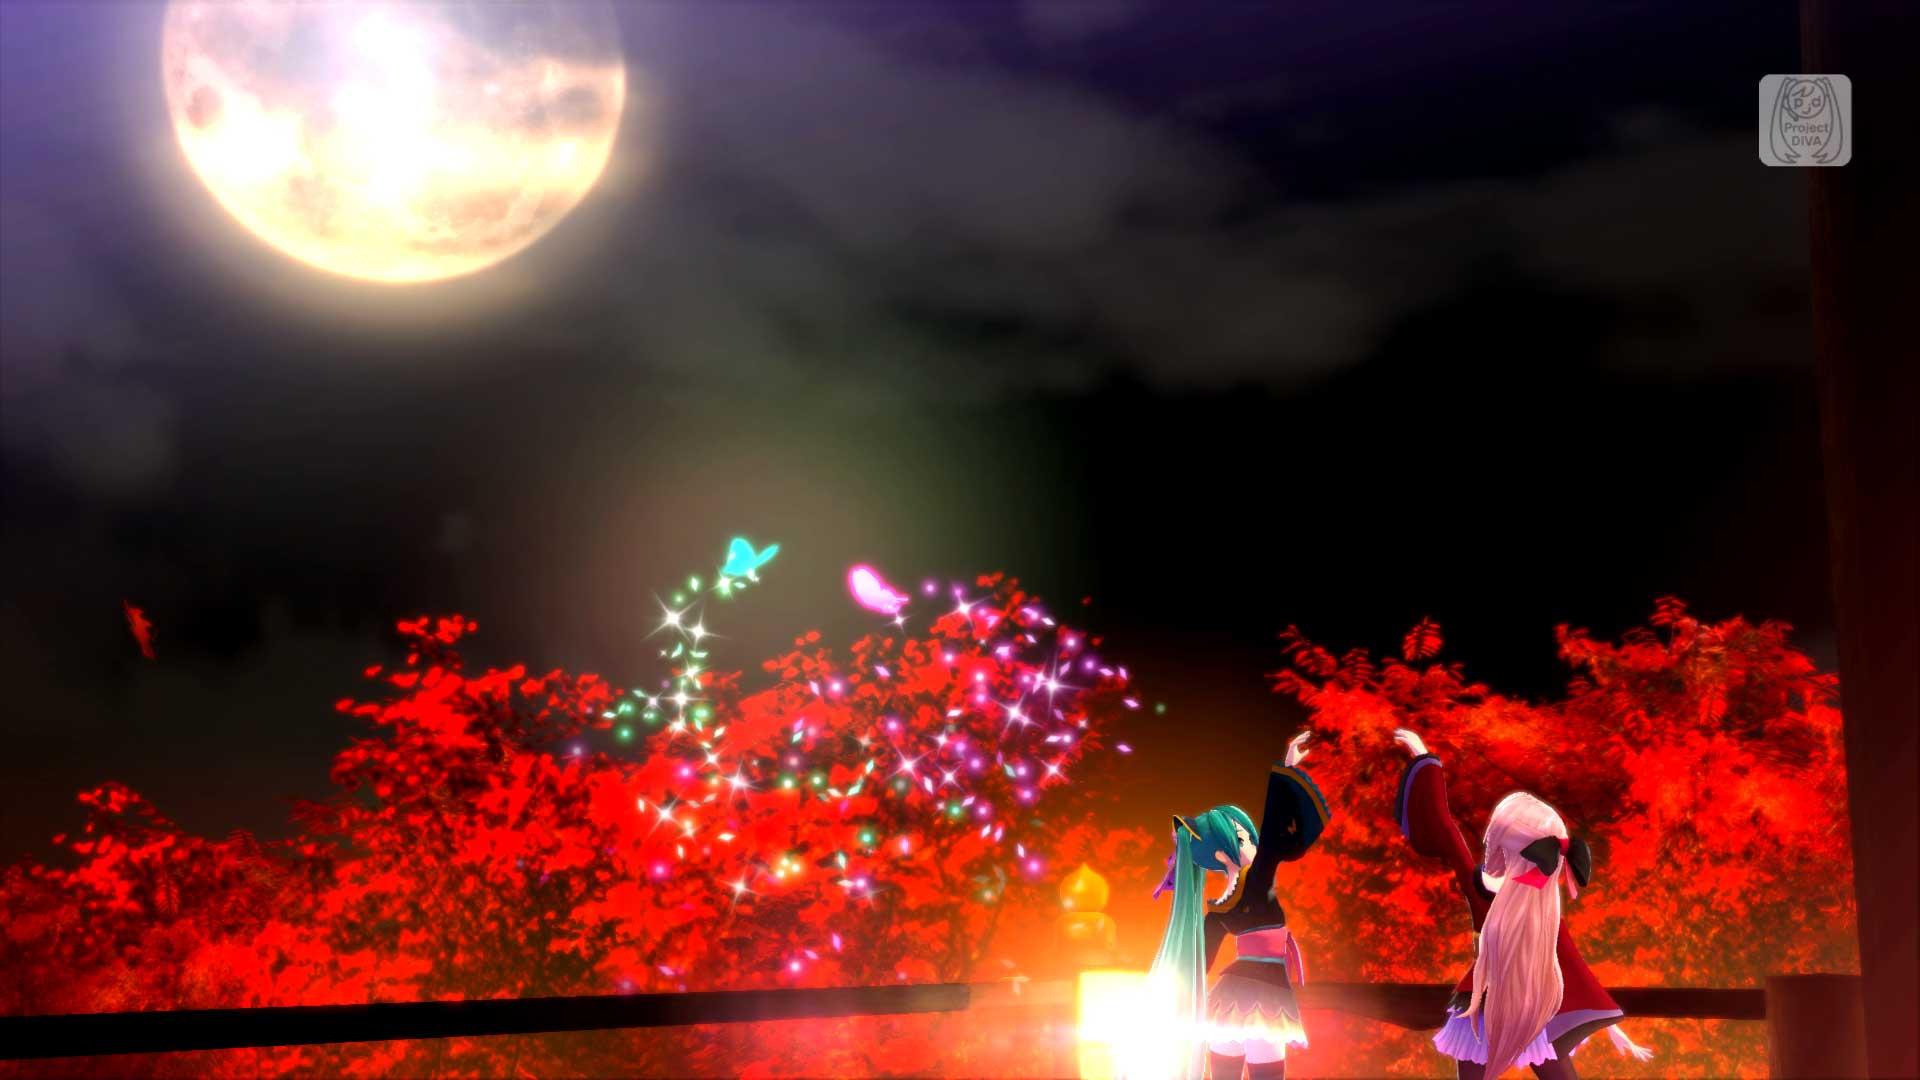 HatsuneMikuDIVAF2nd_Addon_Magnet_PS3_SS2_1425409229